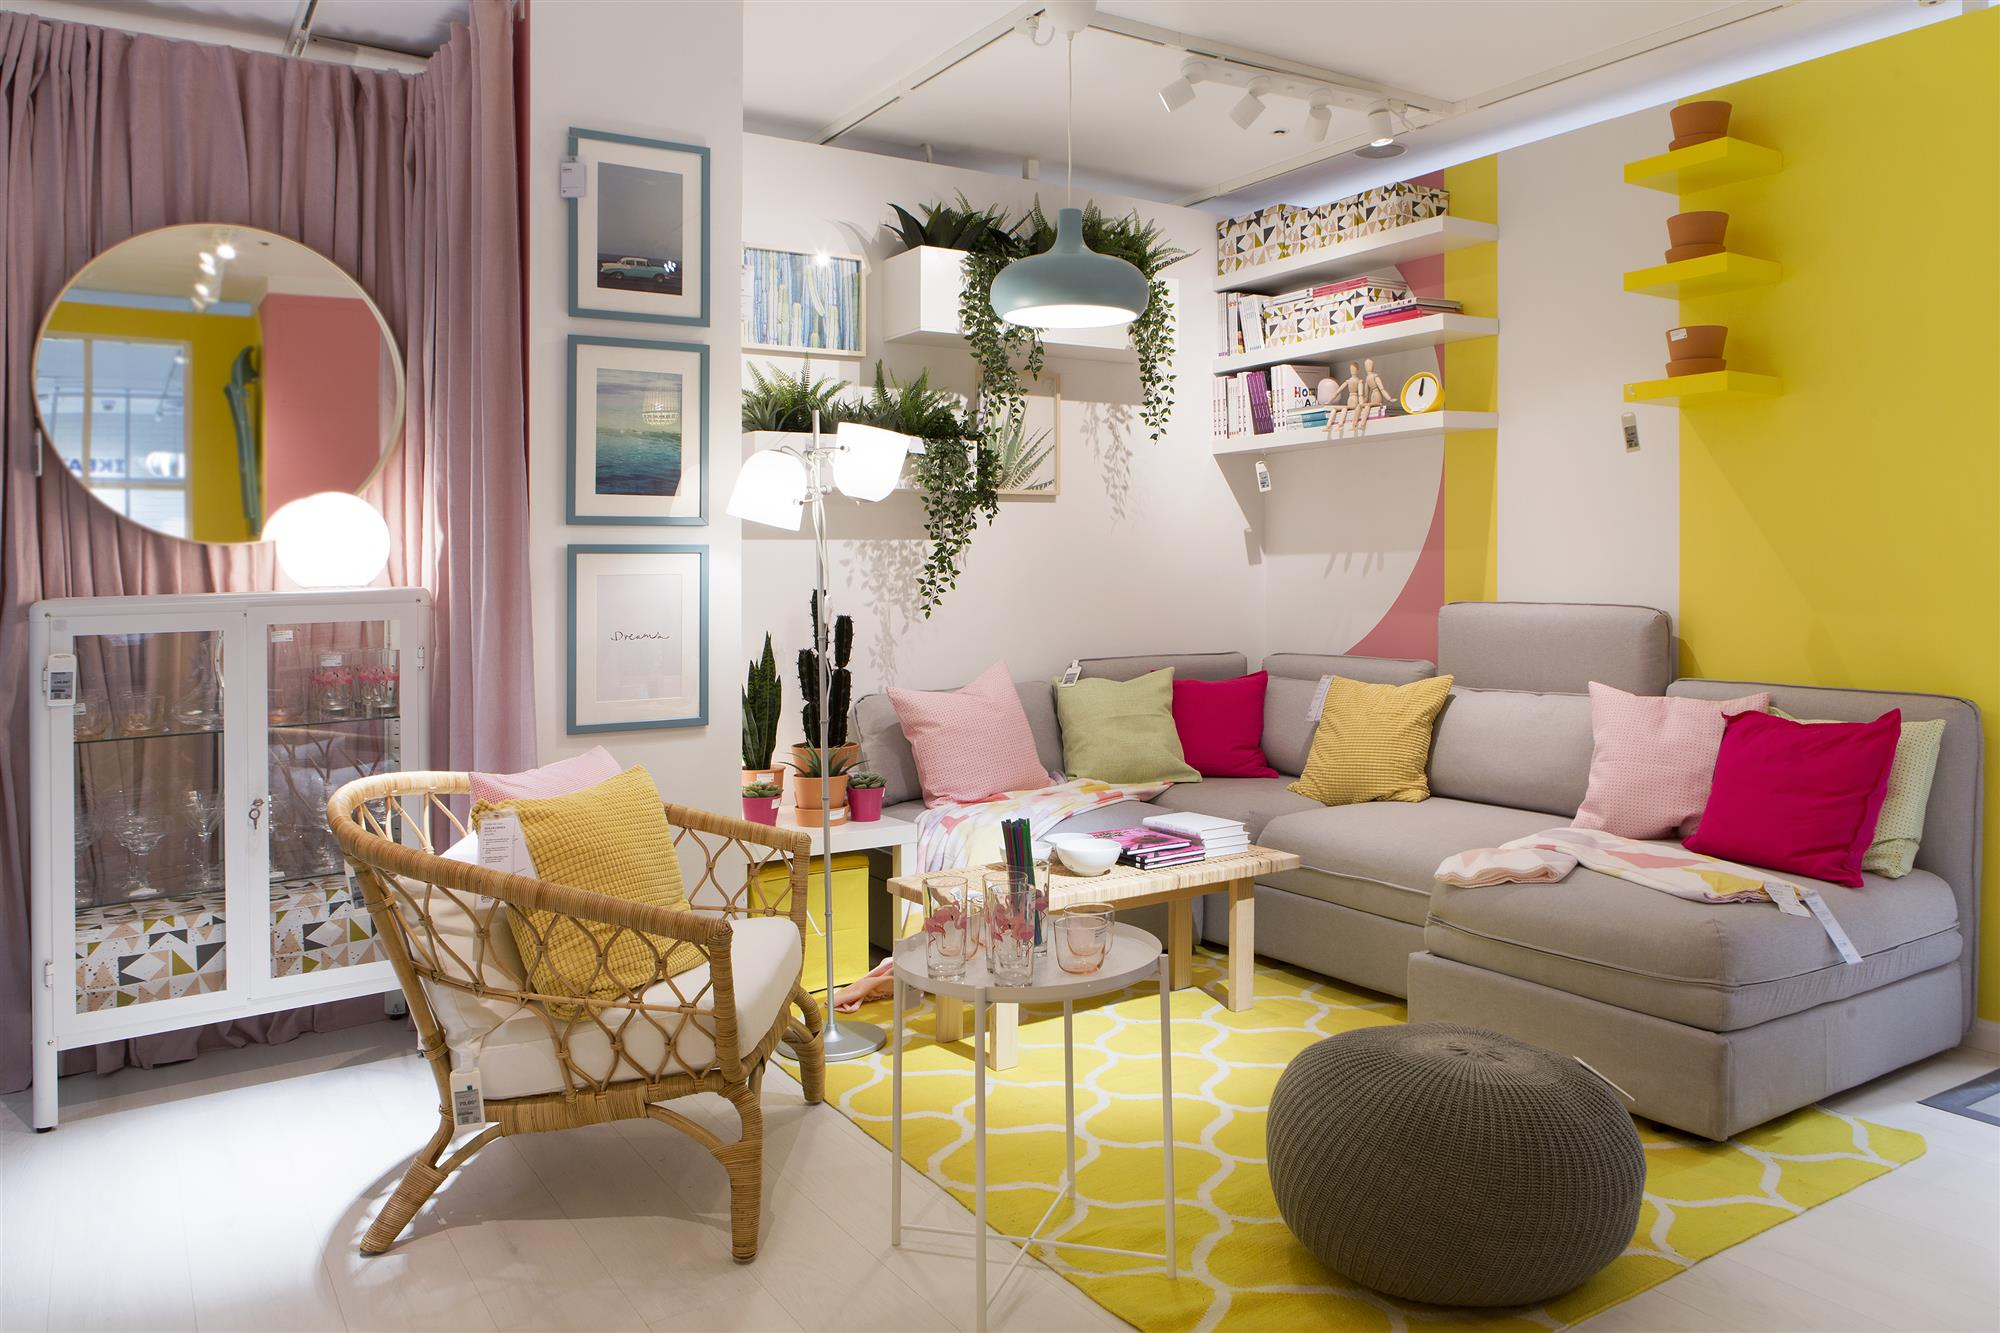 Ikea abre nueva tienda en madrid - Ikea decoracion salon ...